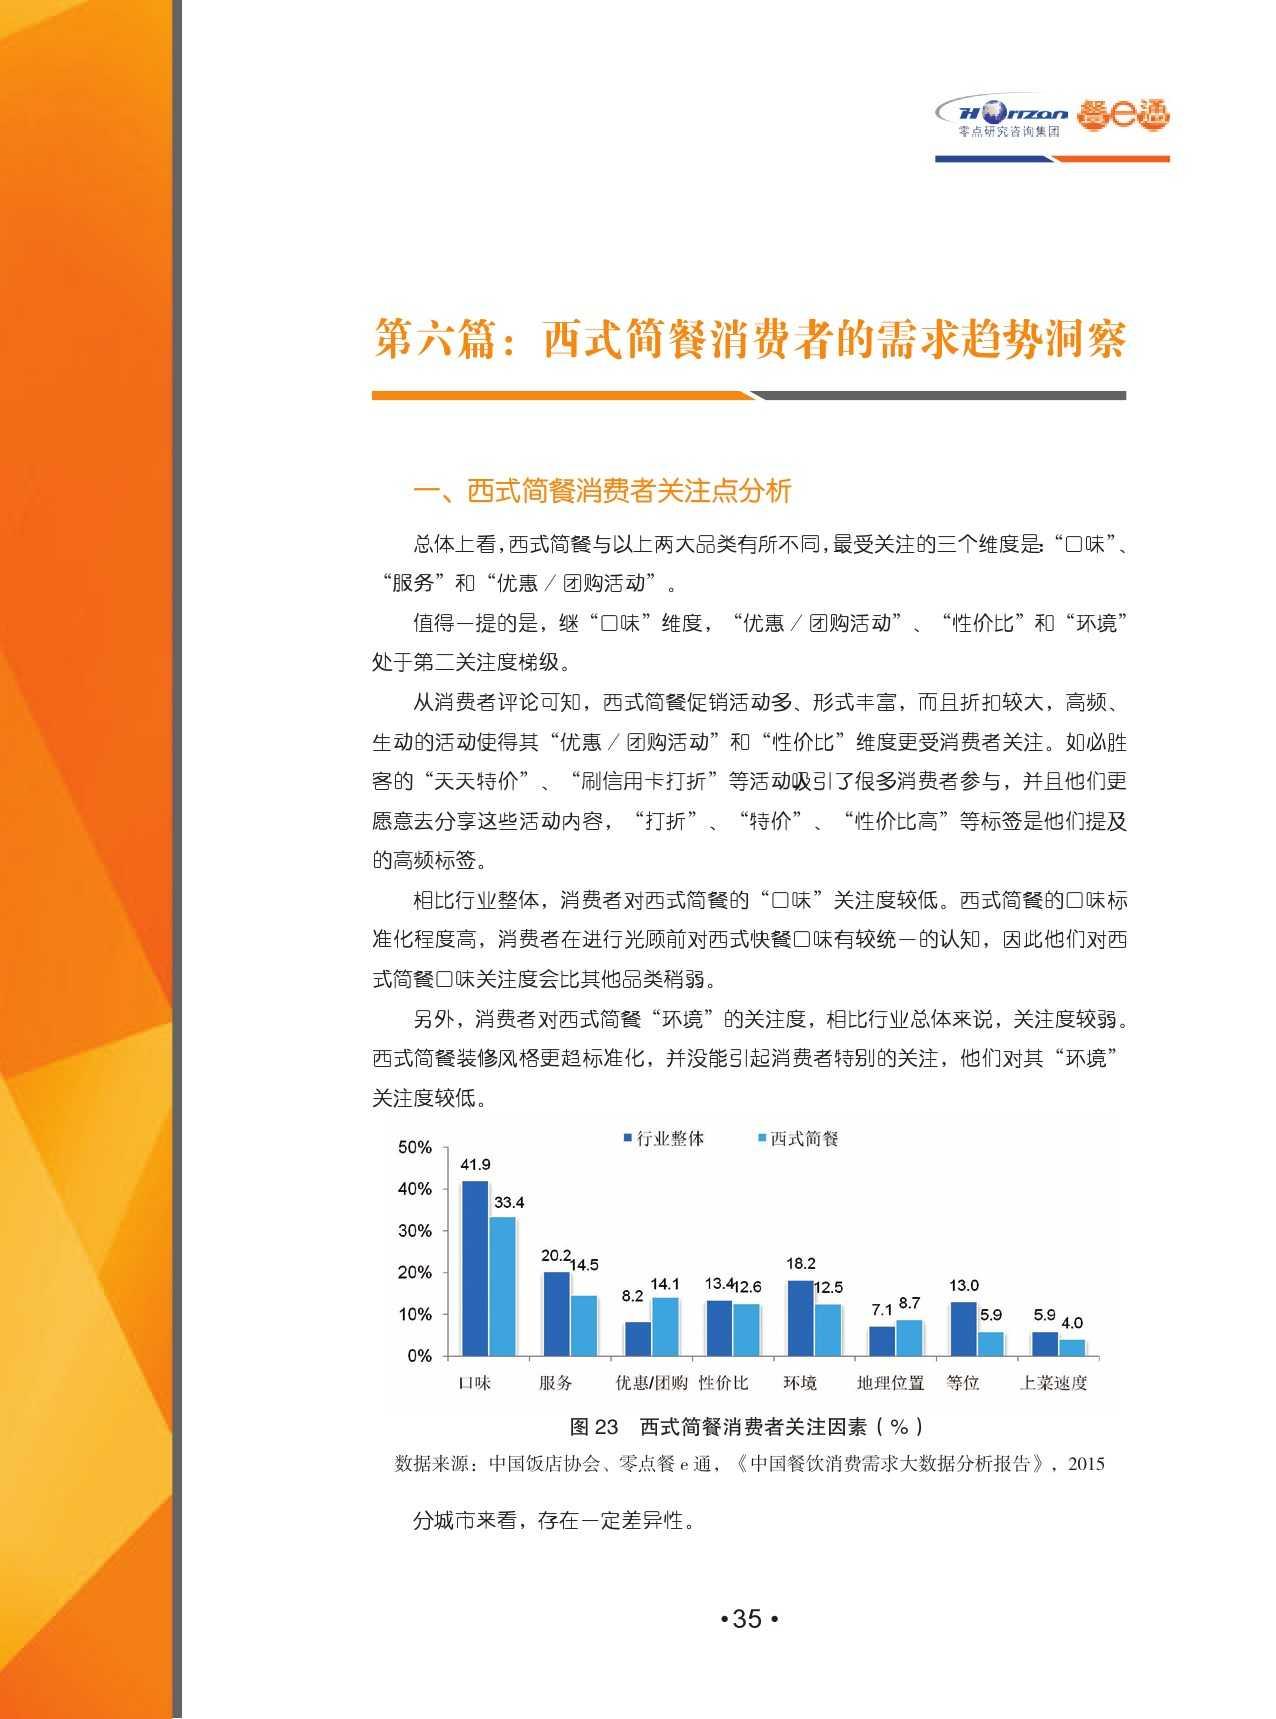 2015中国餐饮消费需求大数据分析报告_000037